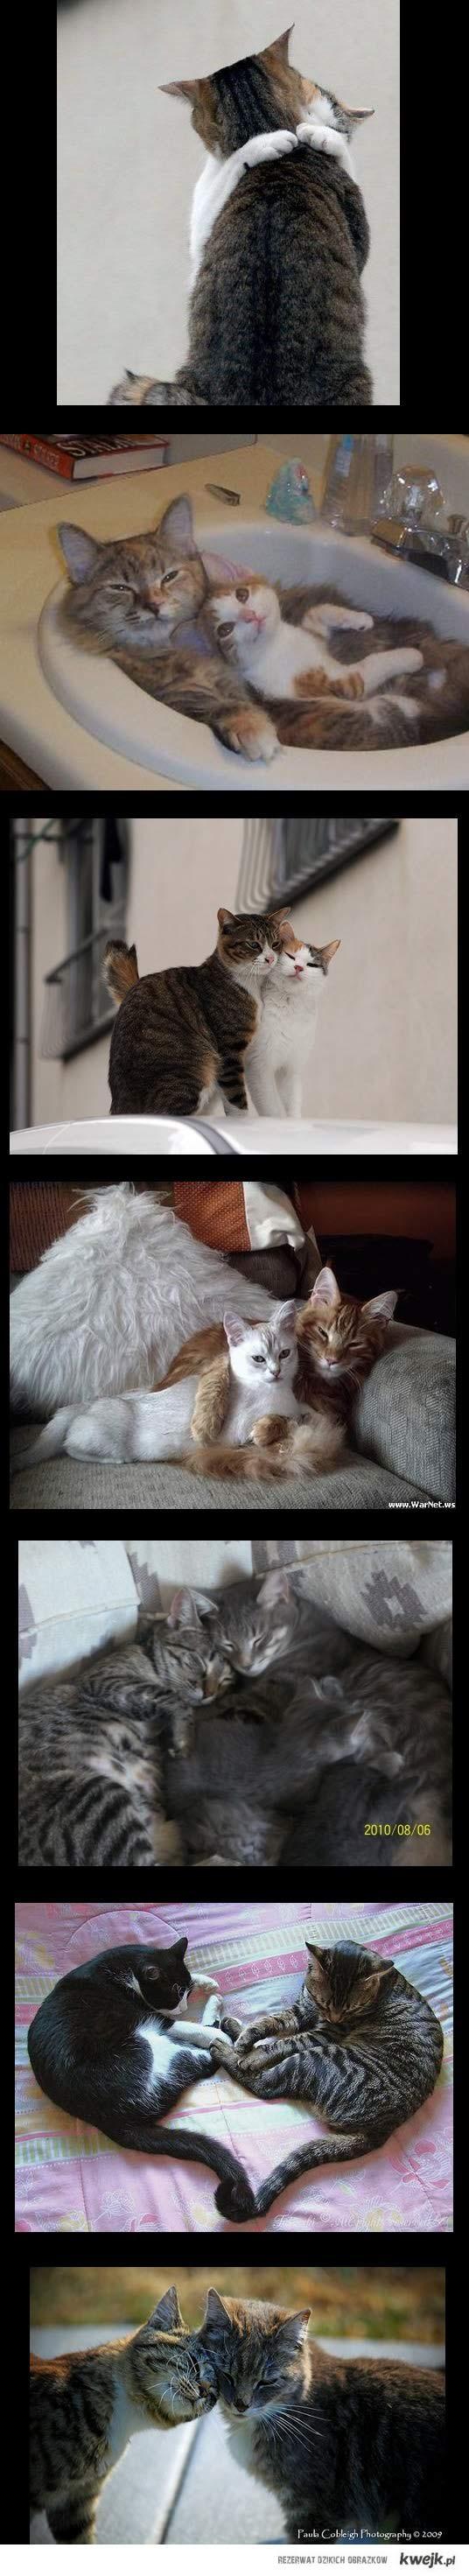 Kocie love !